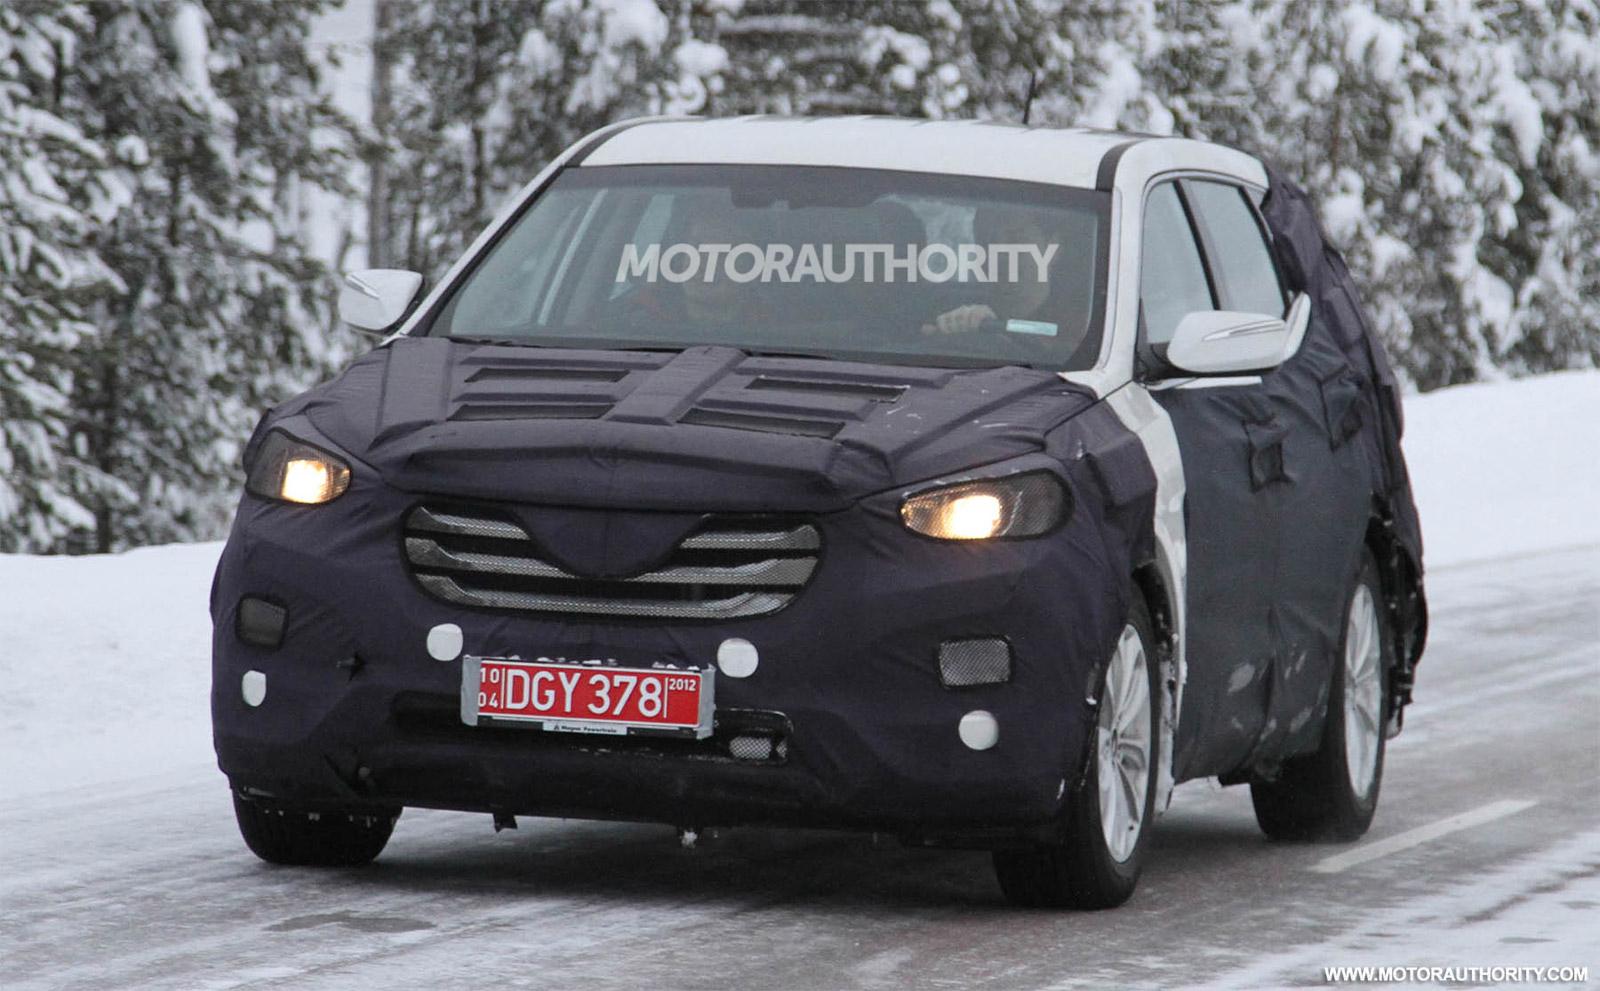 2013 Hyundai Santa Fe Ix45 Spy Shots